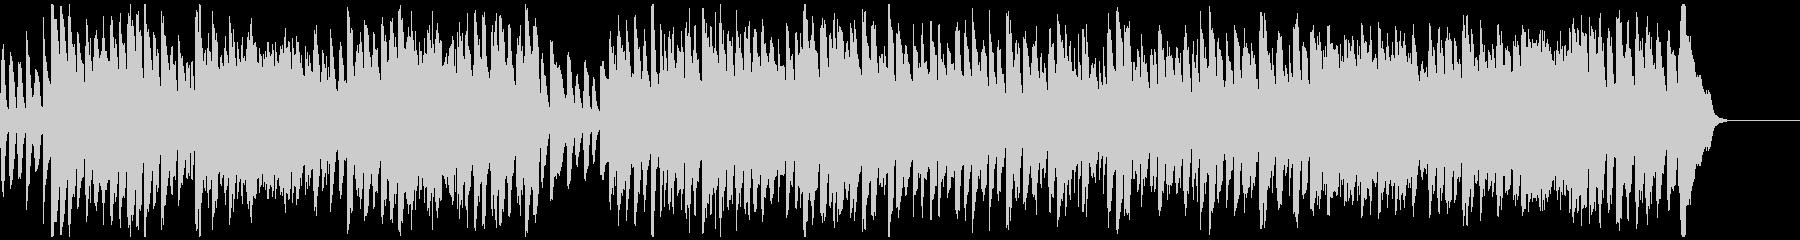 バッハ_インヴェンション第8番_ピアノの未再生の波形